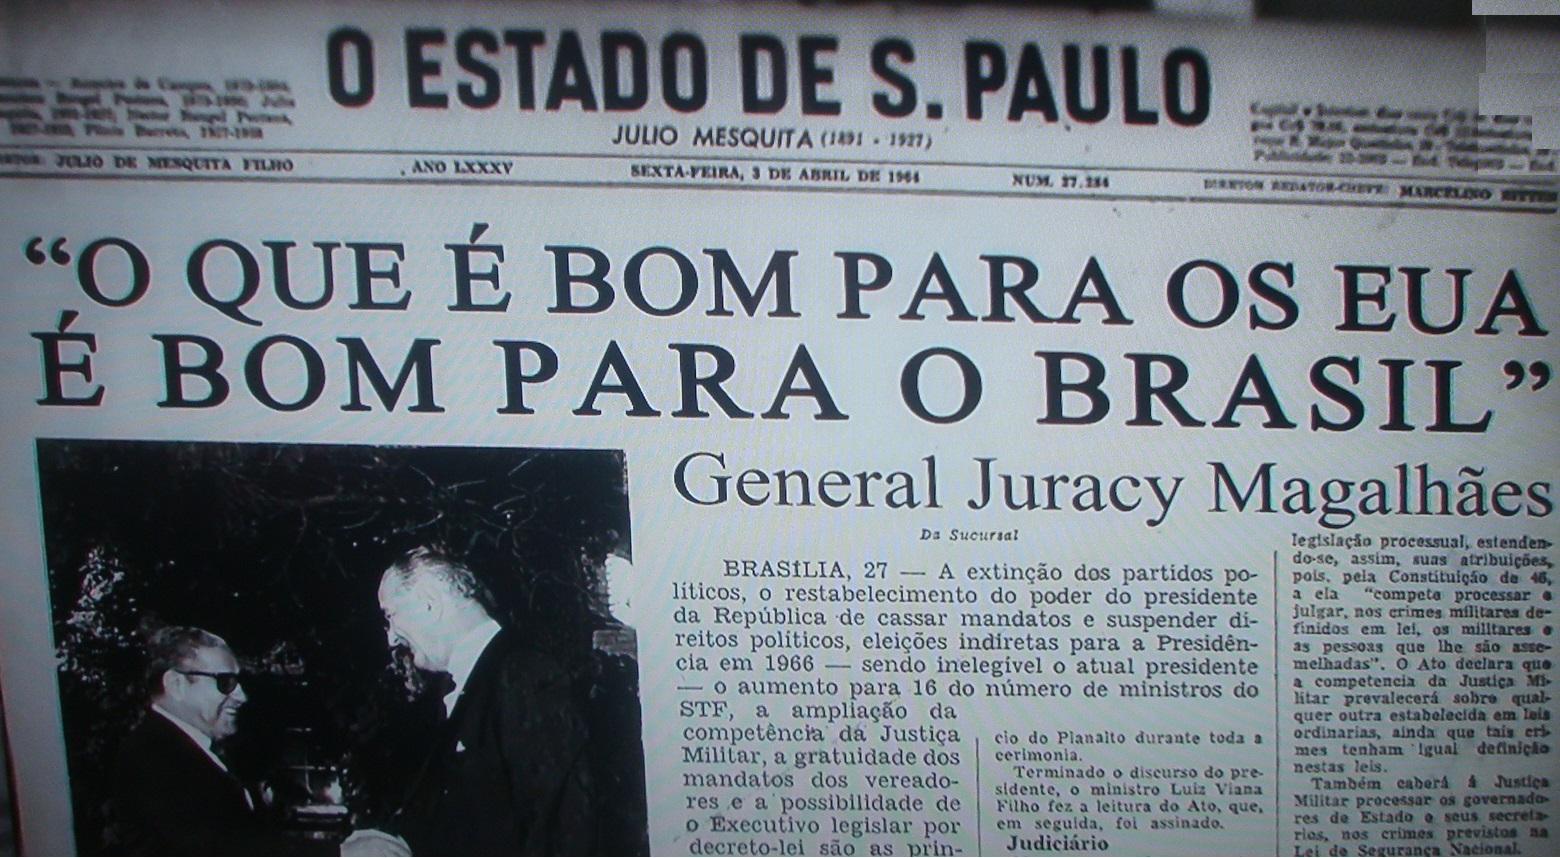 CIA: AI 5 transformou o Brasil em abertamente autoritário